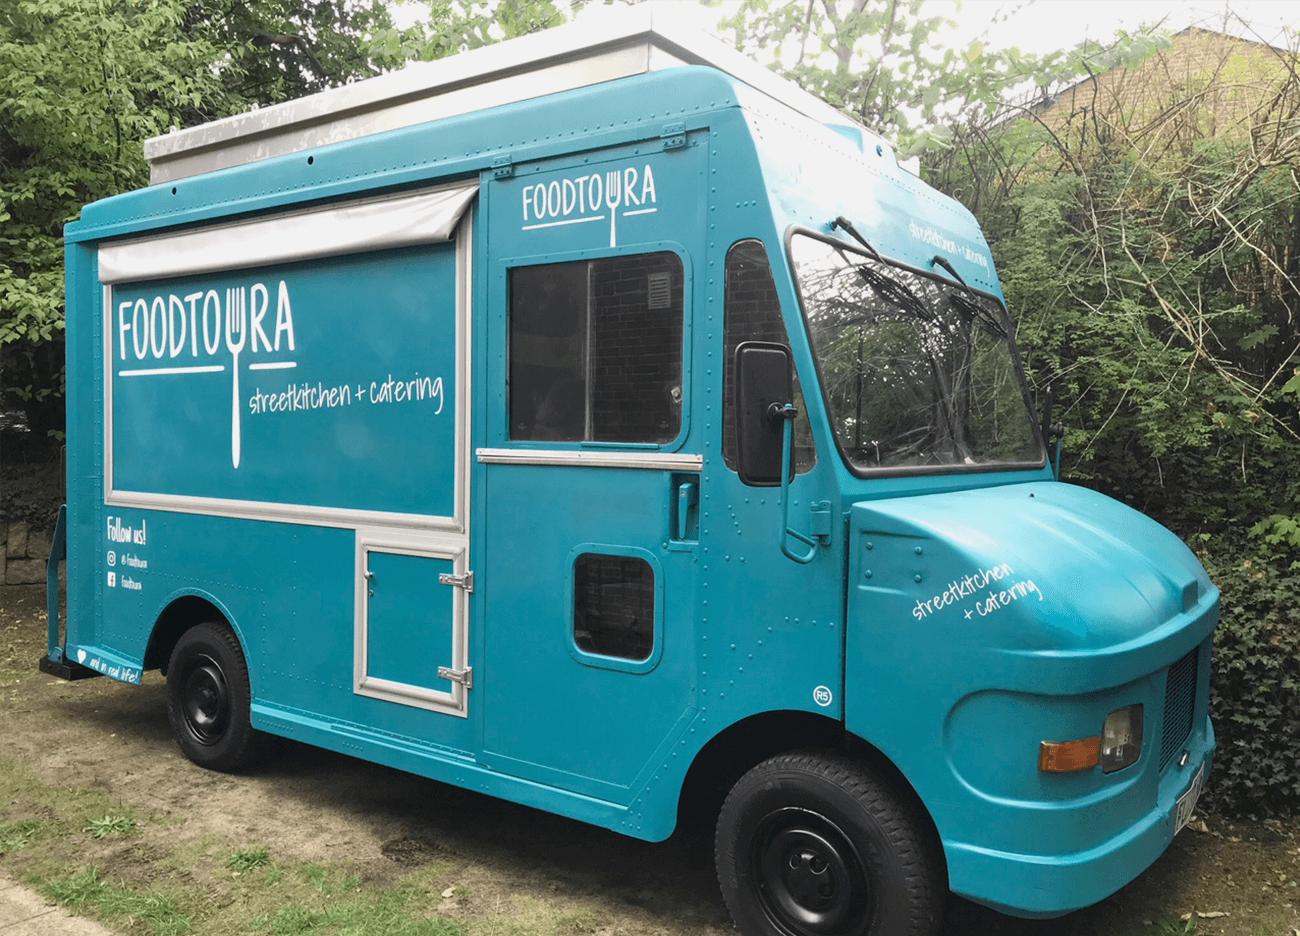 Foodtruck Gestaltung Fahrzeugbeschriftung Lackierung Flensburg